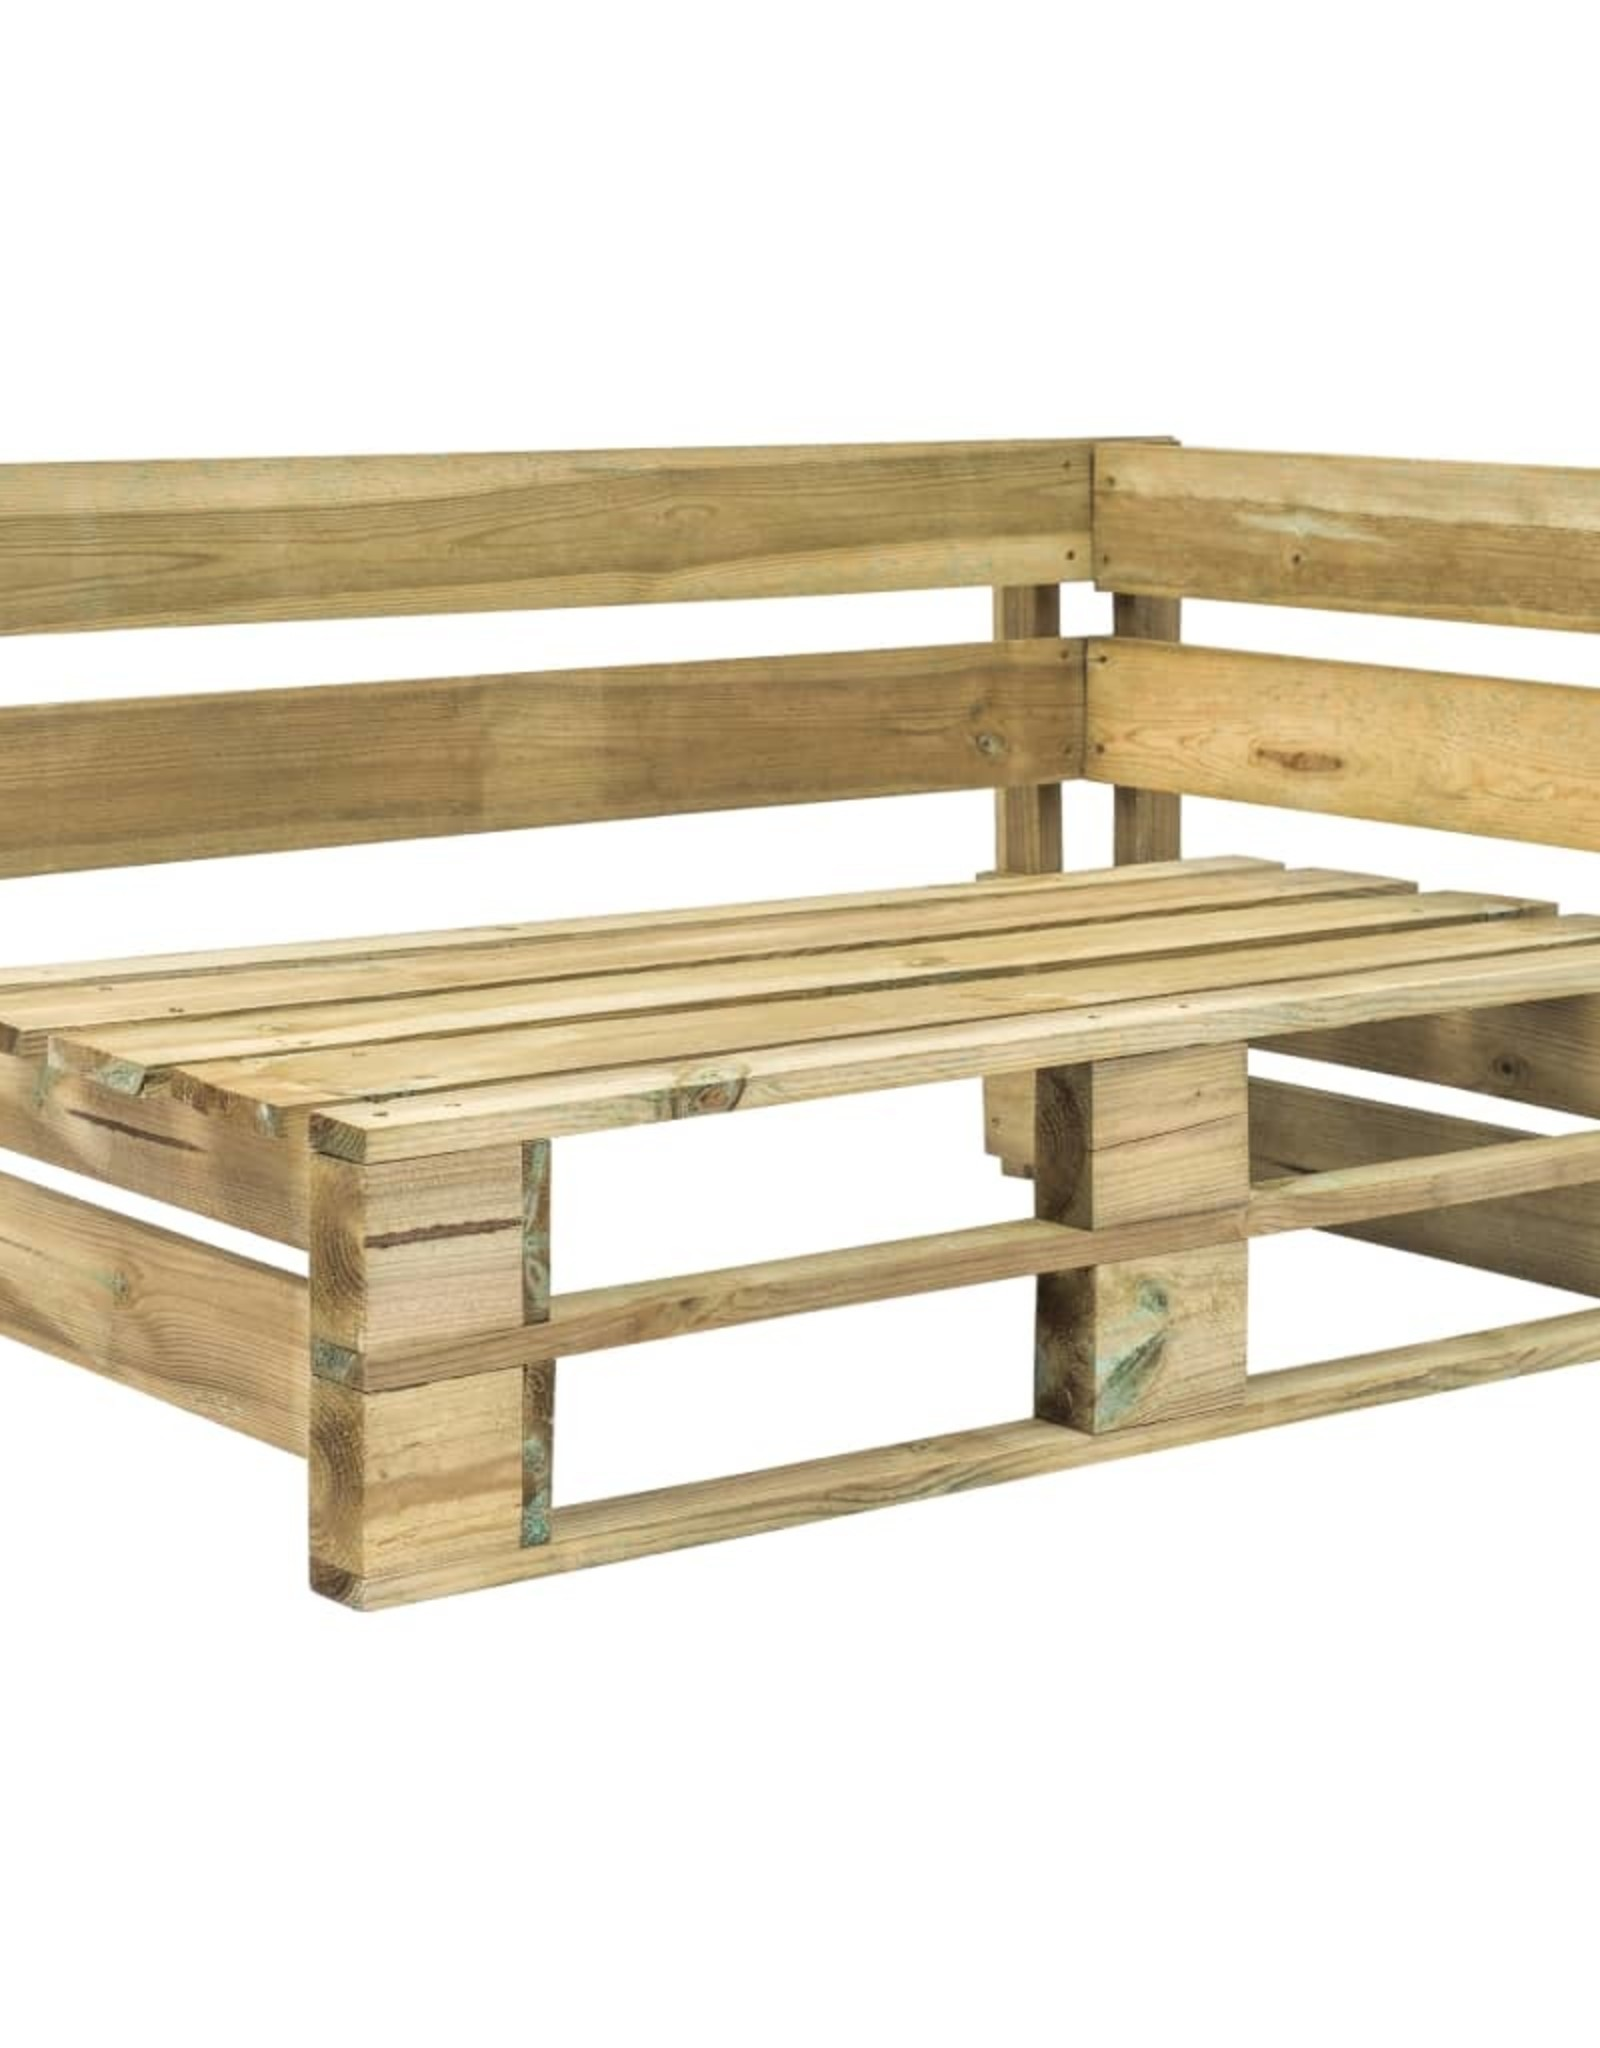 4-delige Loungeset pallet met kussens groen geïmpregneerd hout